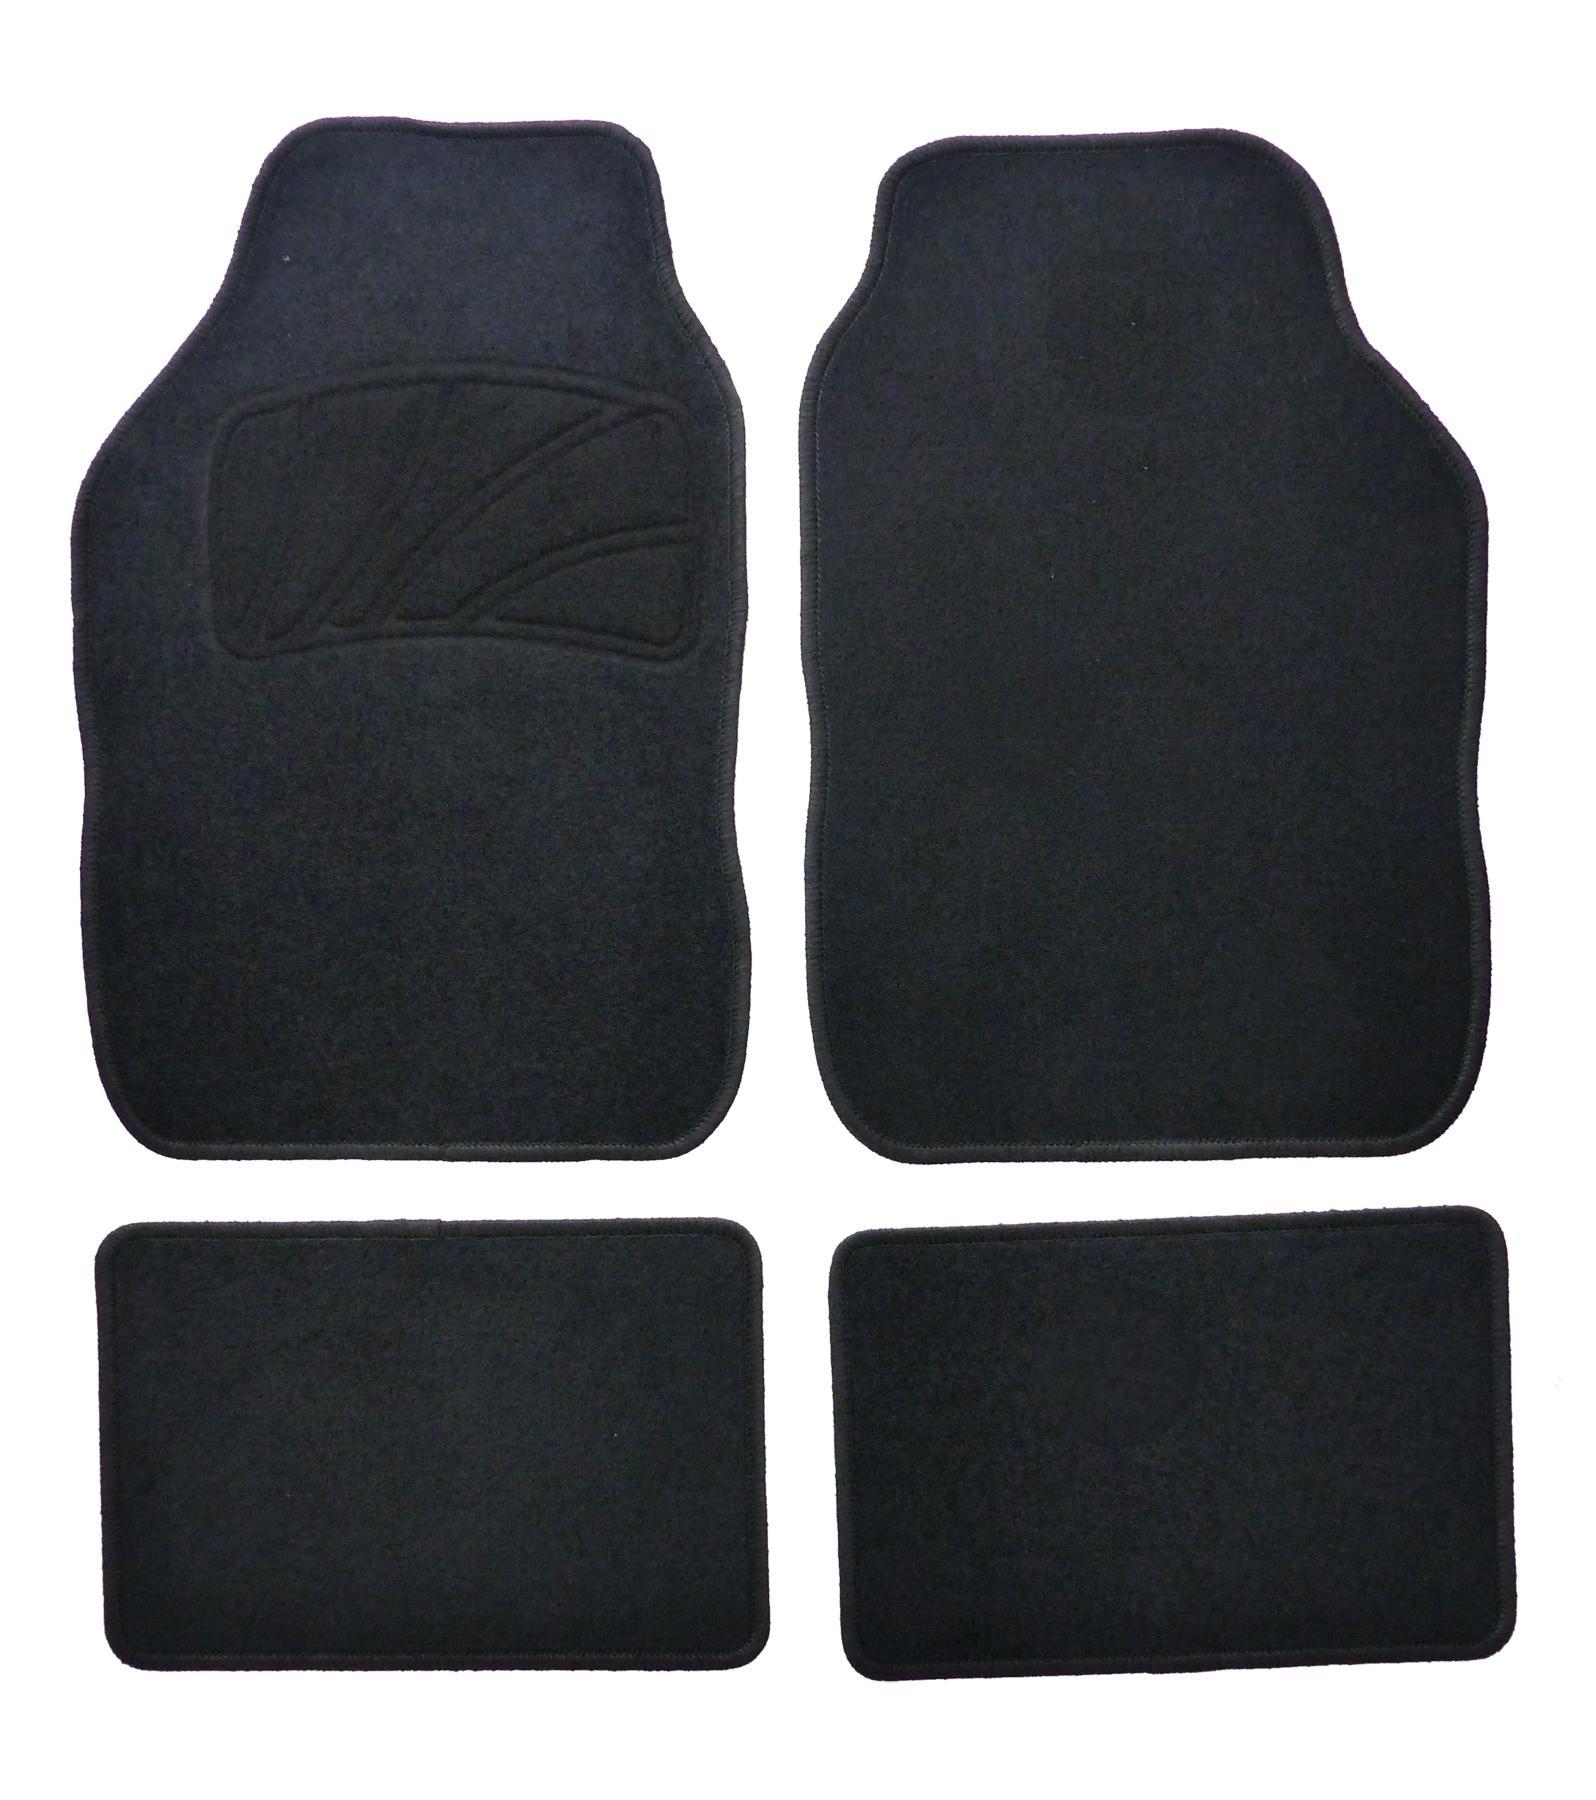 Achat de 551508 XL Adaptation universelle Textile, avant et arrière, Quantité: 4, noir Ensemble de tapis de sol 551508 pas chères